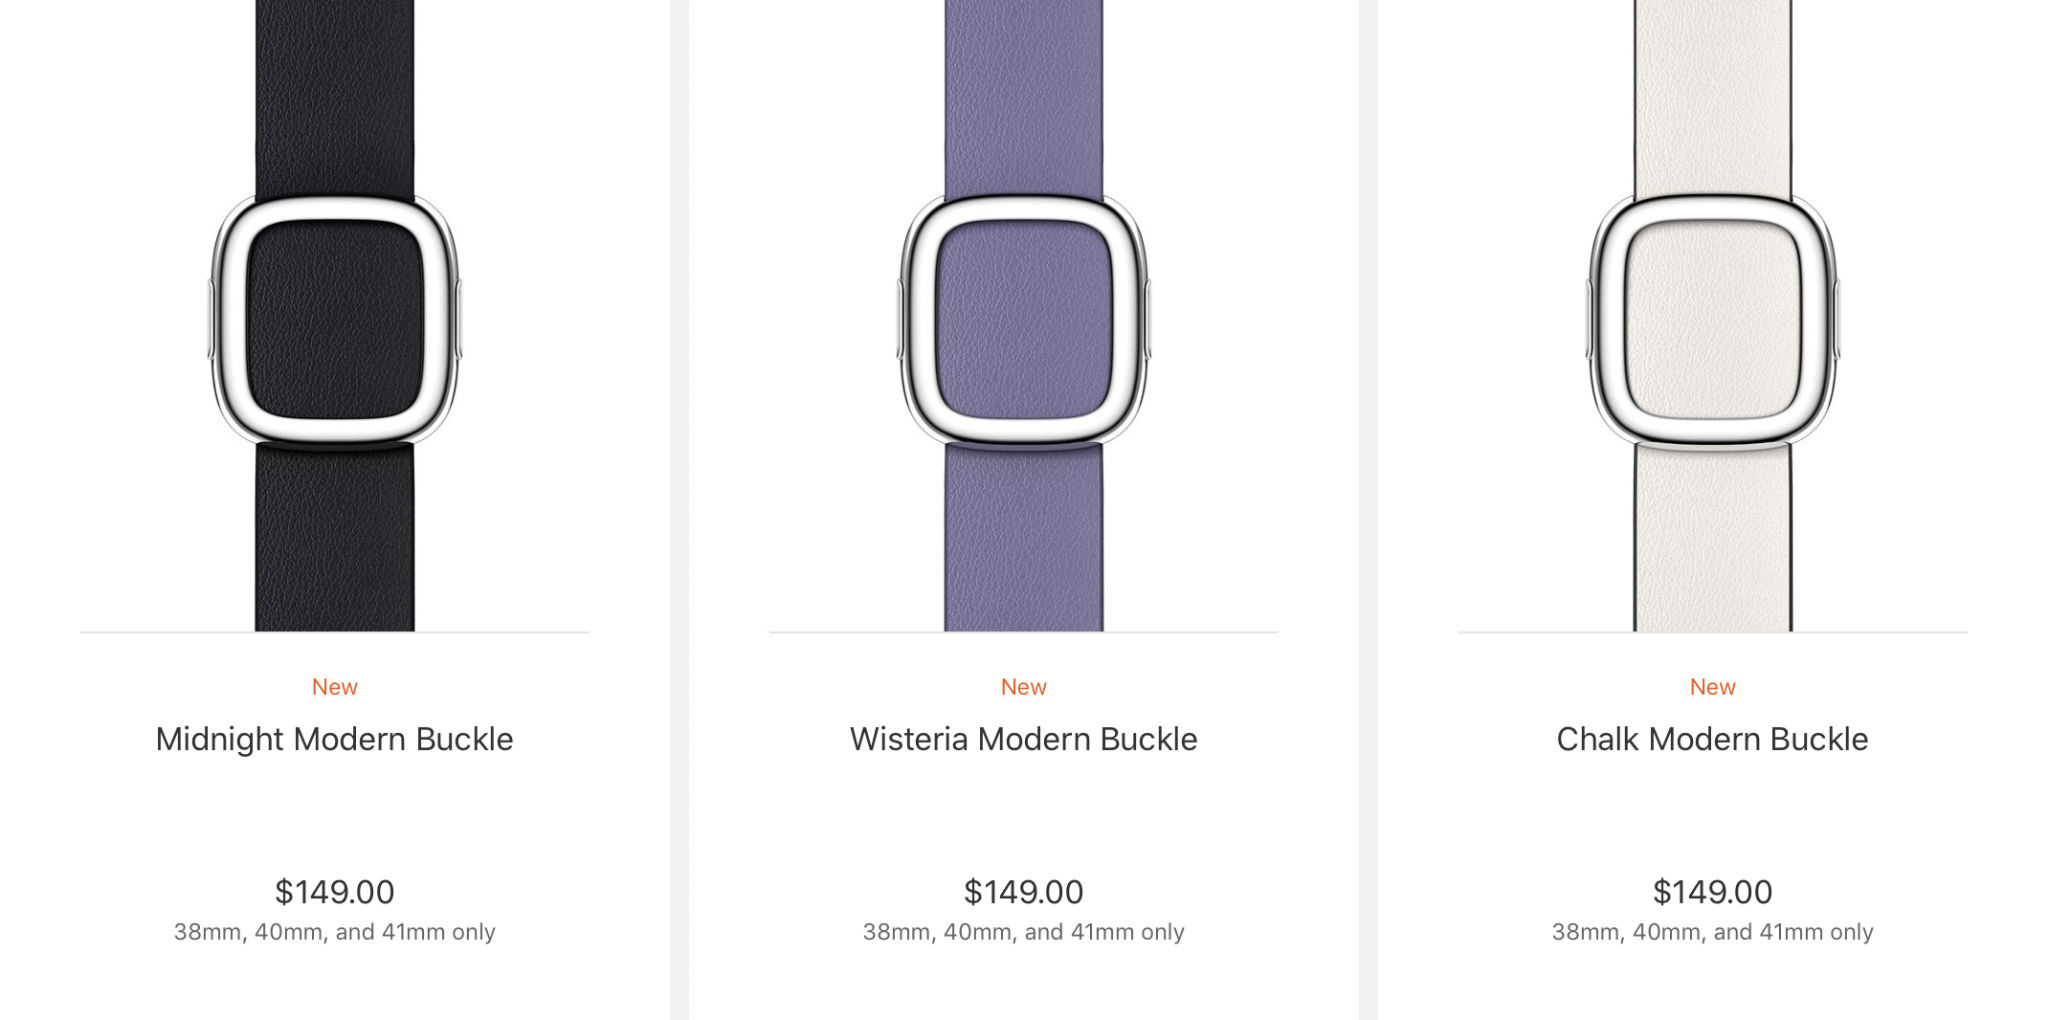 ontop.vn new apple watch series 7 bands 9